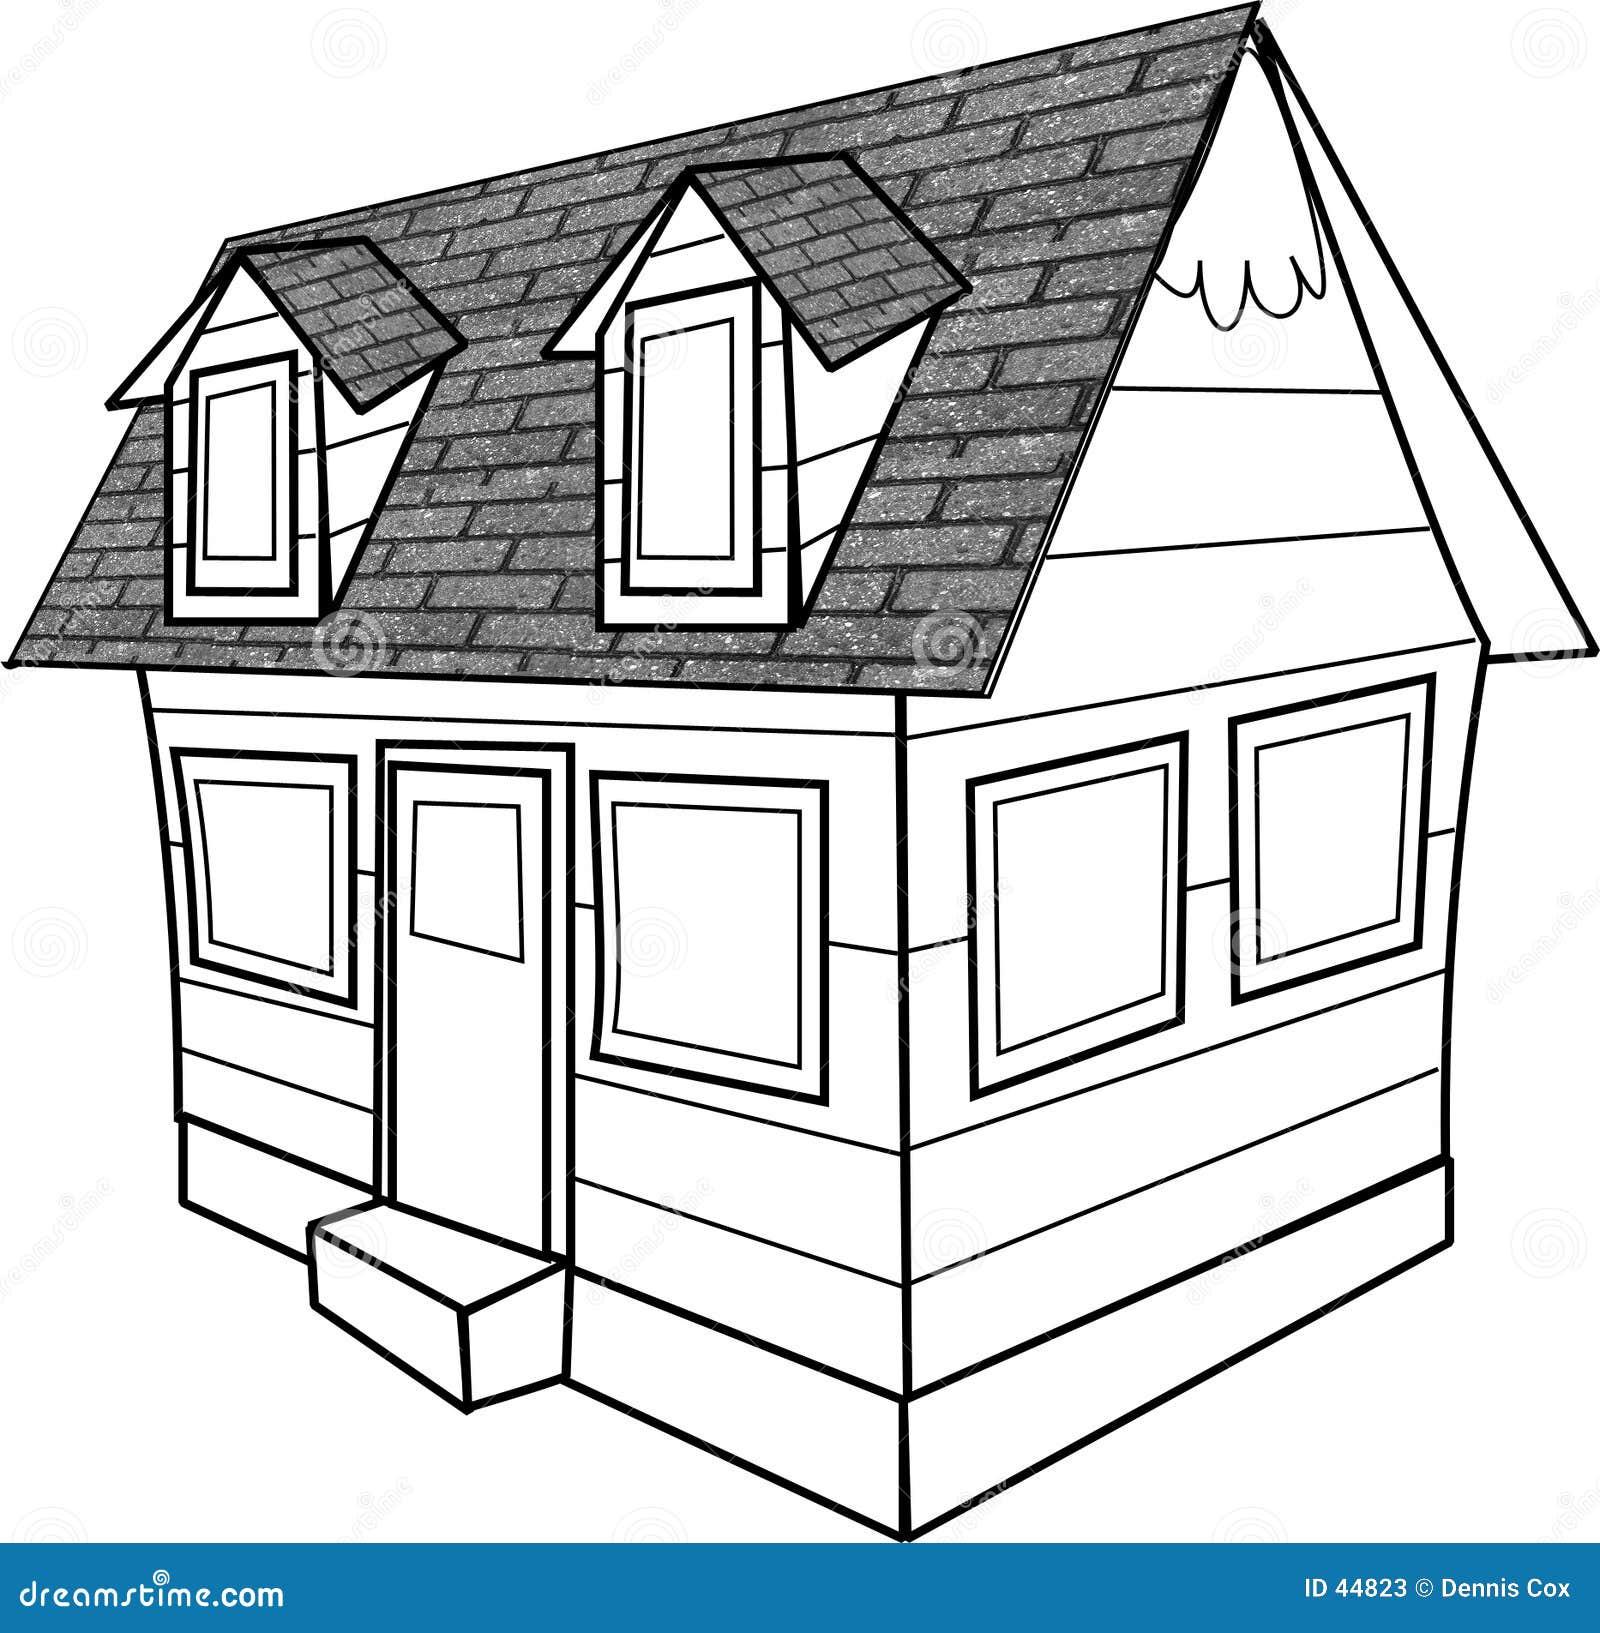 Haus strichzeichnung  Strichzeichnung Eines Häuschens Stockfotos - Bild: 44823